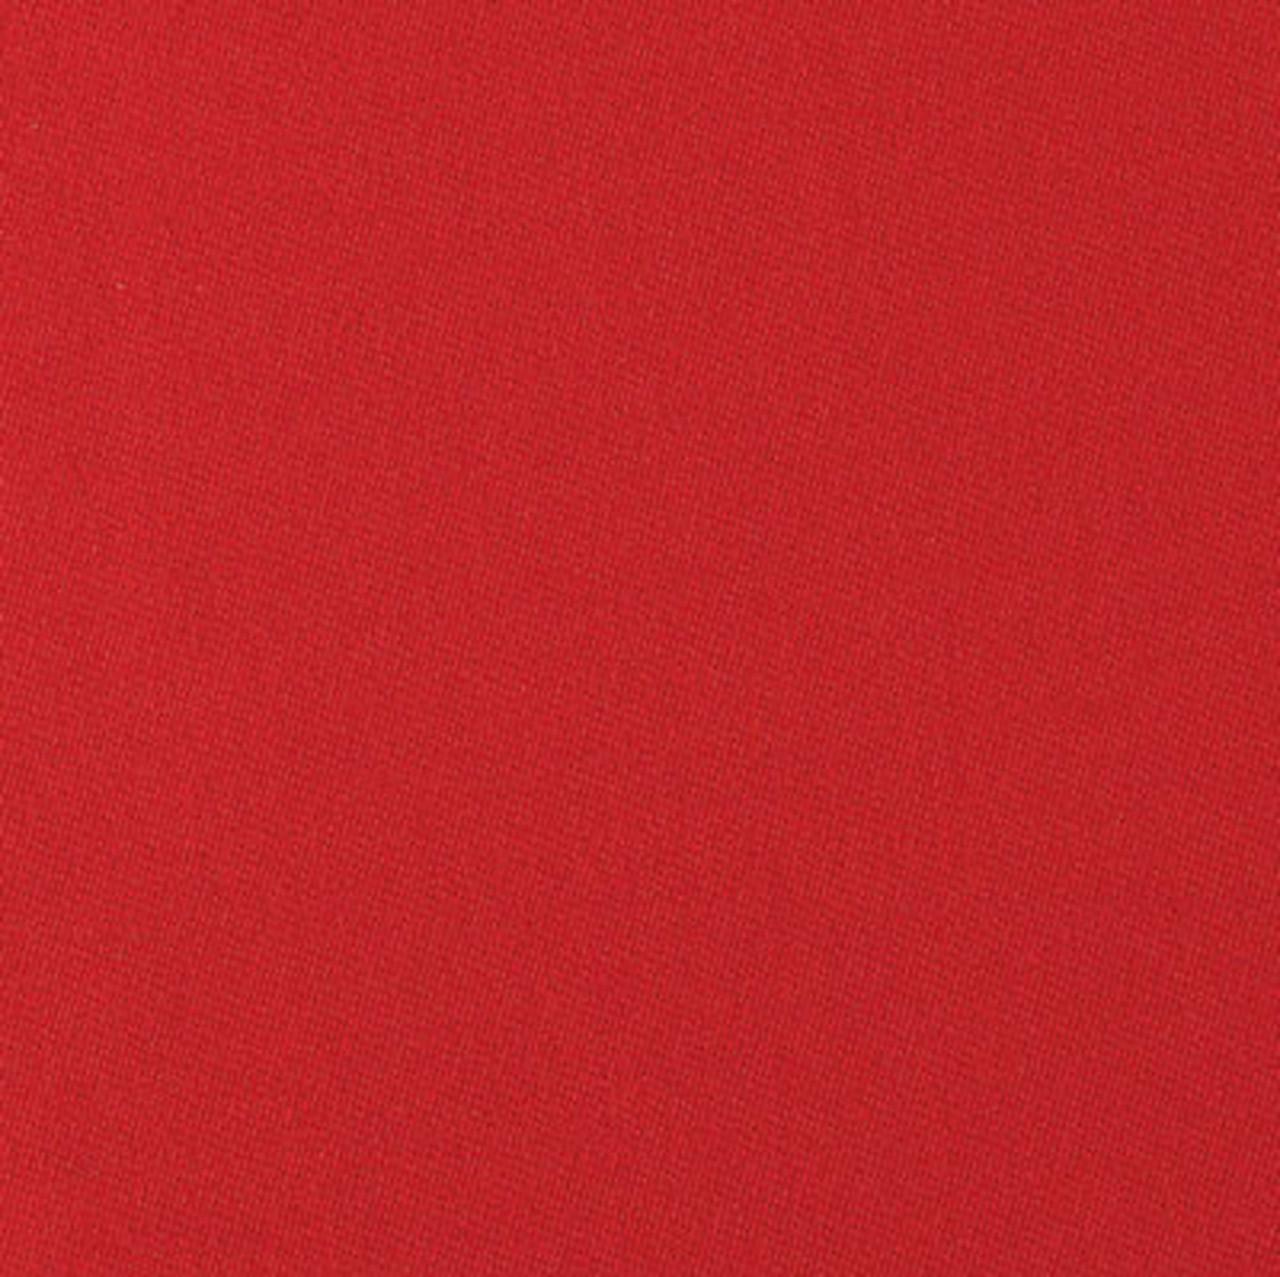 Simonis 860 Red Pool Table Felt - 8ft